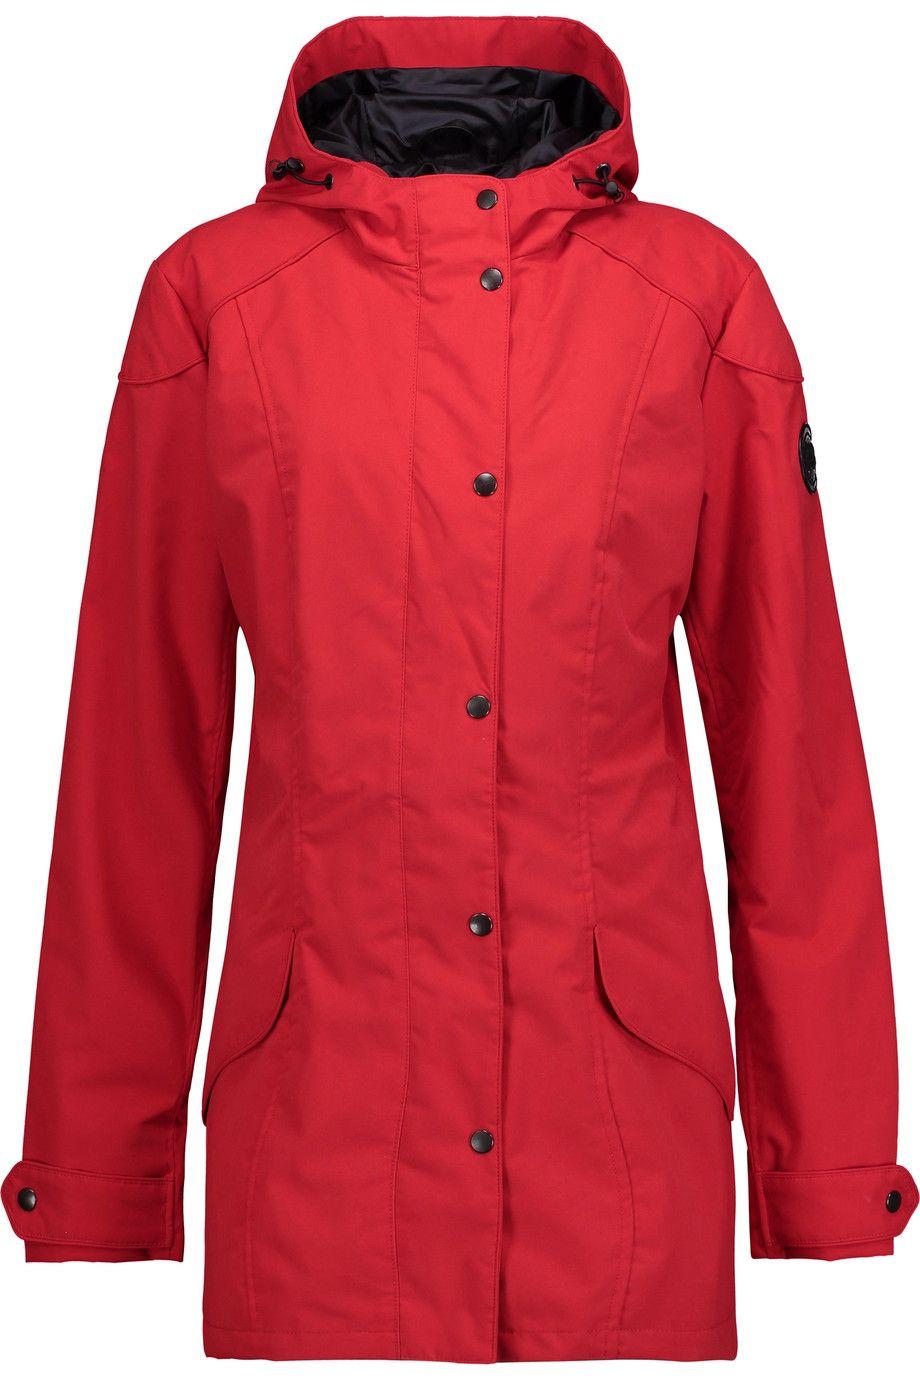 615586b0c60 CANADA GOOSE Avondale Shell Jacket.  canadagoose  cloth  jacket ...